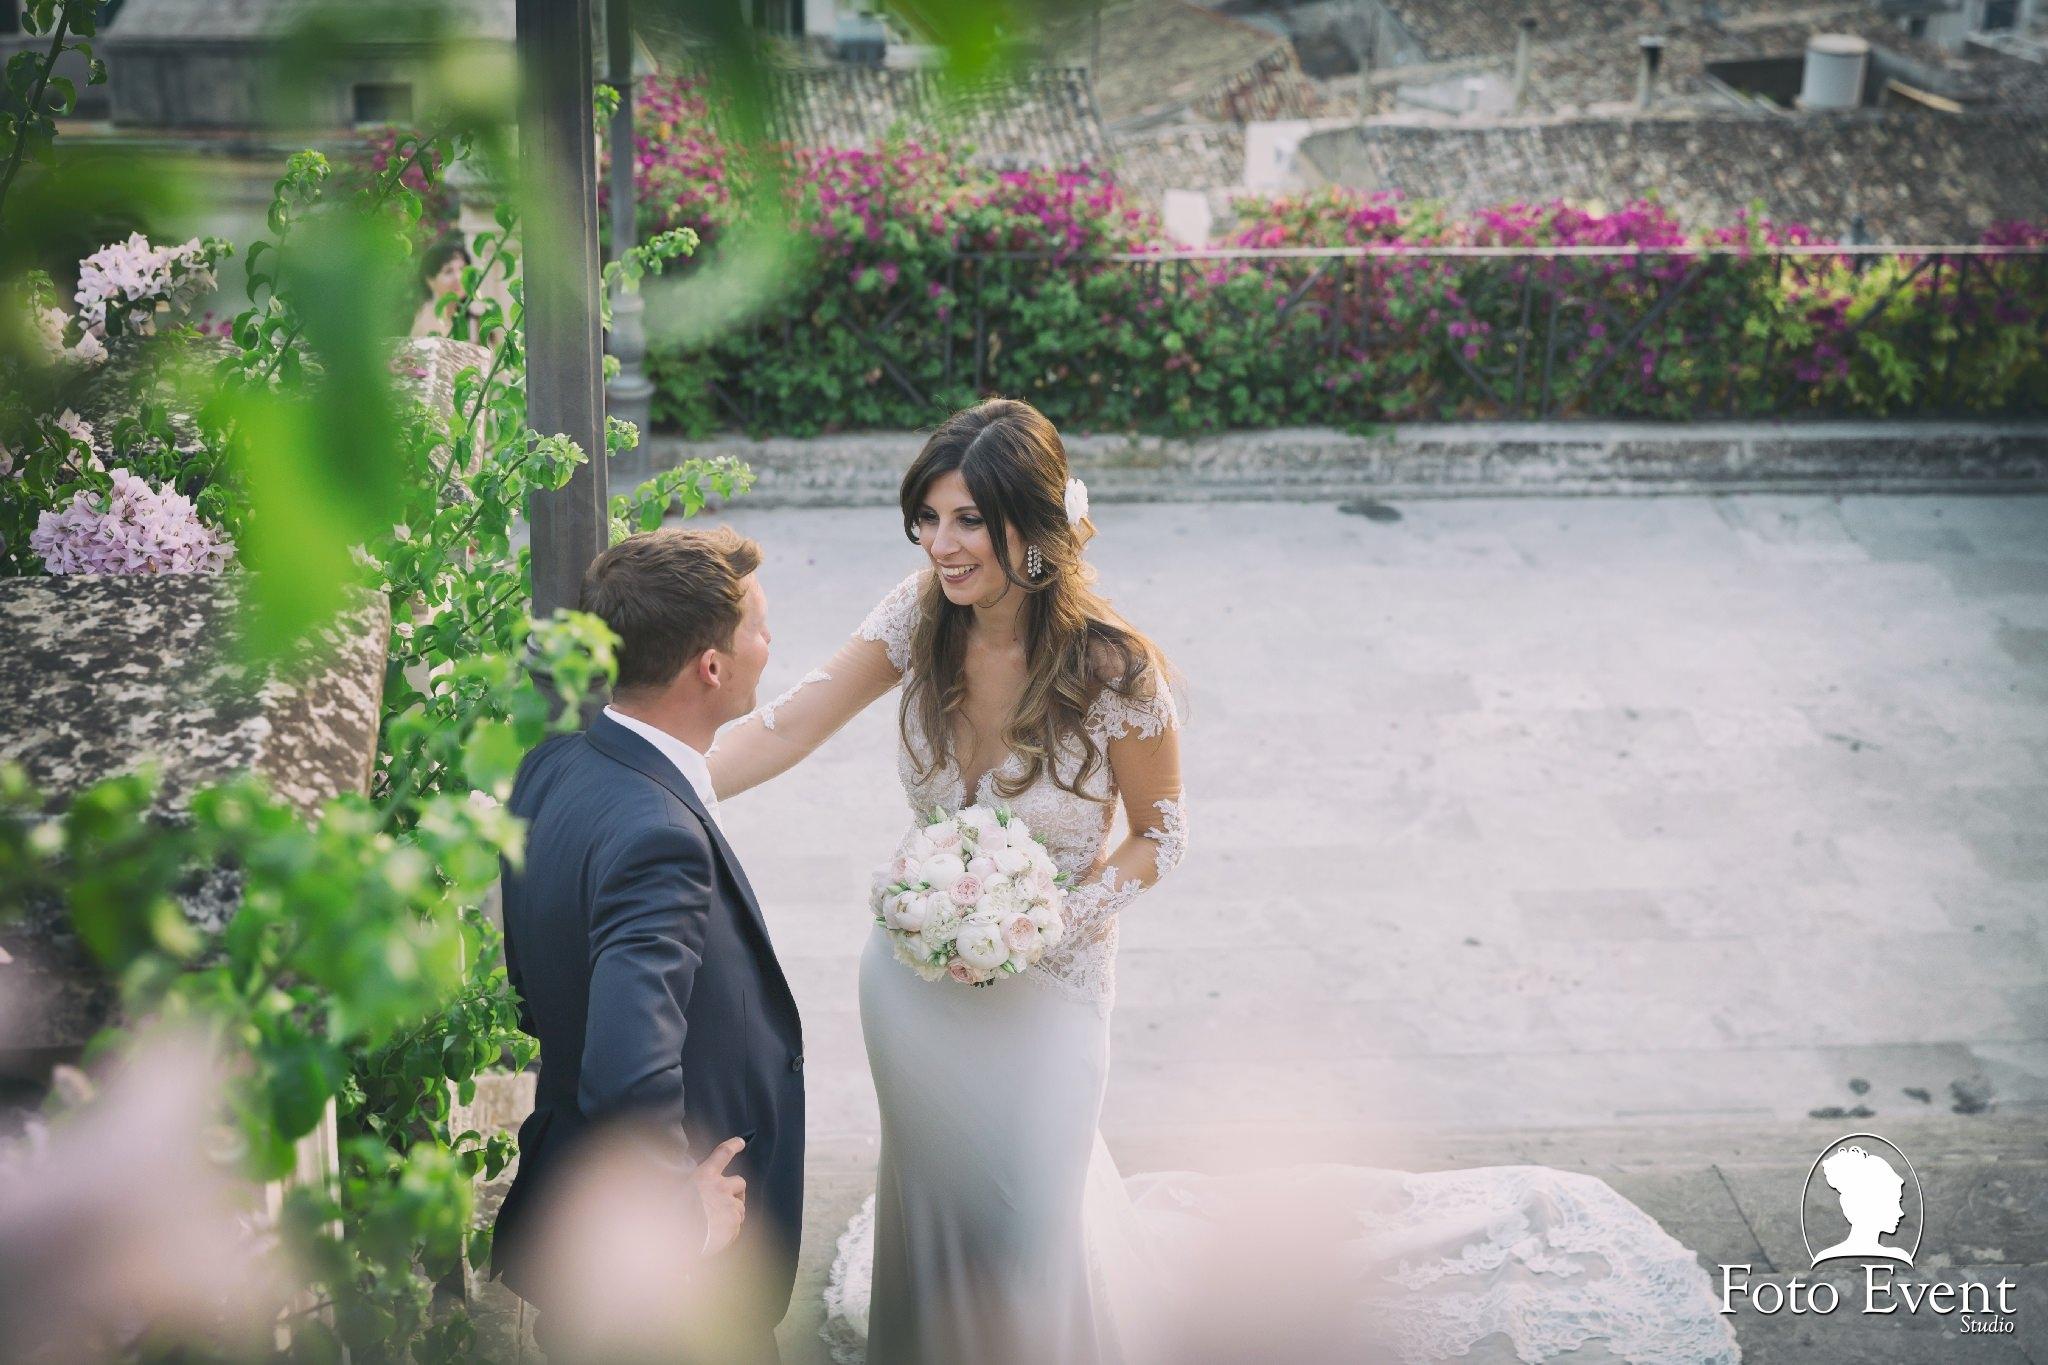 2017-07-21 Matrimonio Adriana e Giuseppe Dorsi 5DE 1431 CD FOTO